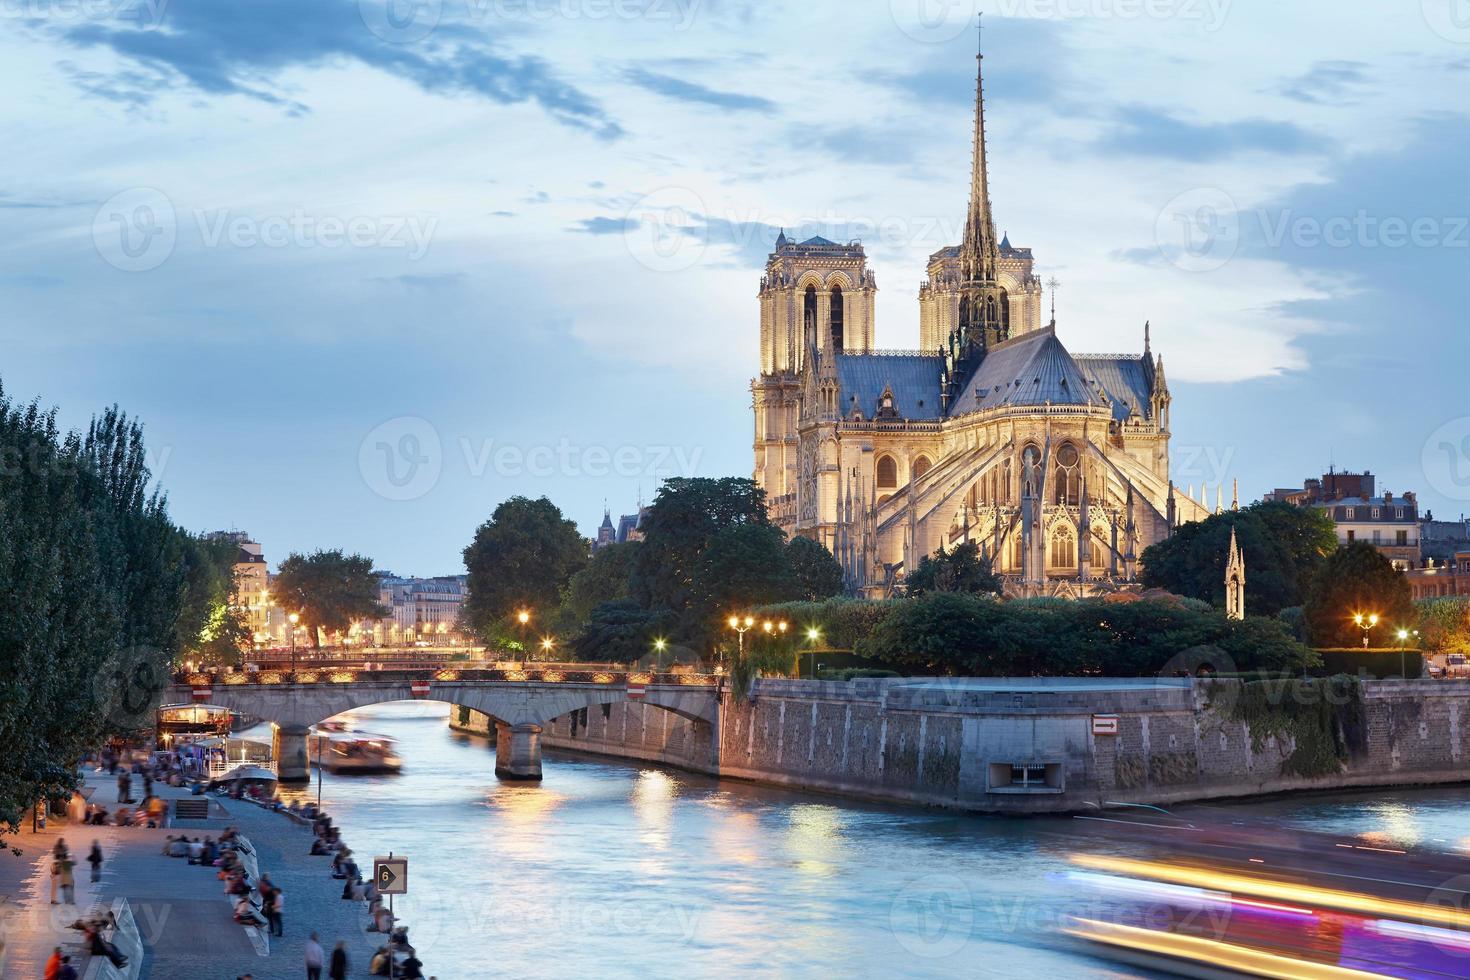 The Cathedral of Notre Dame de Paris at dusk photo